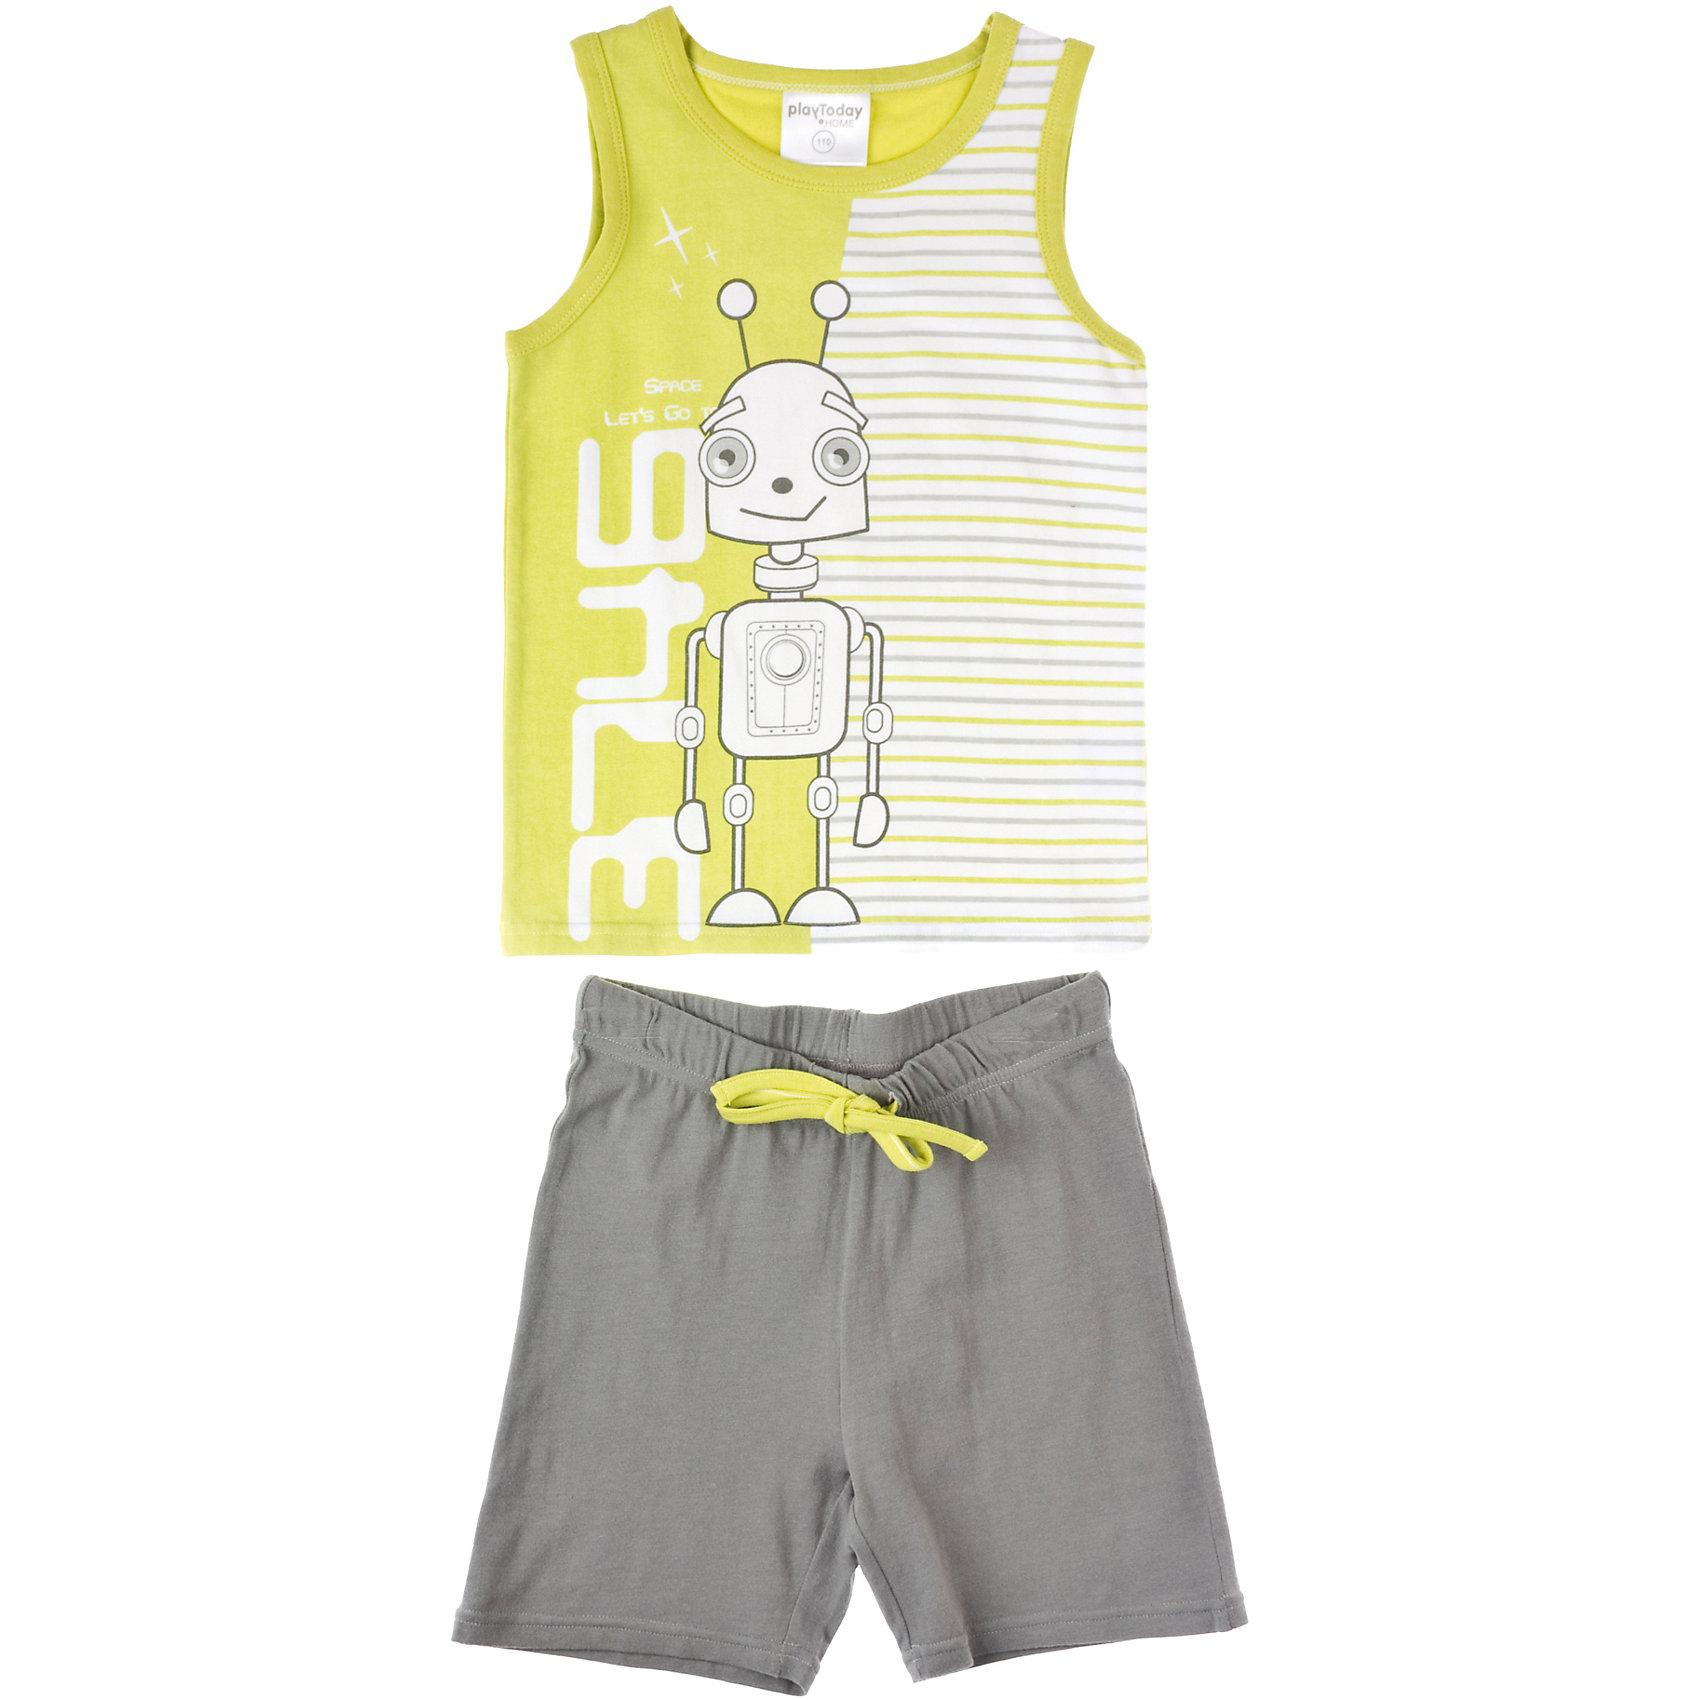 Пижама для мальчика PlayTodayПижамы и сорочки<br>Пижама для мальчика PlayToday Хлопковая пижама: майка и шорты. Качественный и легкий материал. Хороший выбор, если в доме всегда тепло. Состав: 95% хлопок, 5% эластан<br><br>Ширина мм: 281<br>Глубина мм: 70<br>Высота мм: 188<br>Вес г: 295<br>Цвет: серый<br>Возраст от месяцев: 24<br>Возраст до месяцев: 36<br>Пол: Мужской<br>Возраст: Детский<br>Размер: 128,98,122,116,110,104<br>SKU: 4228895